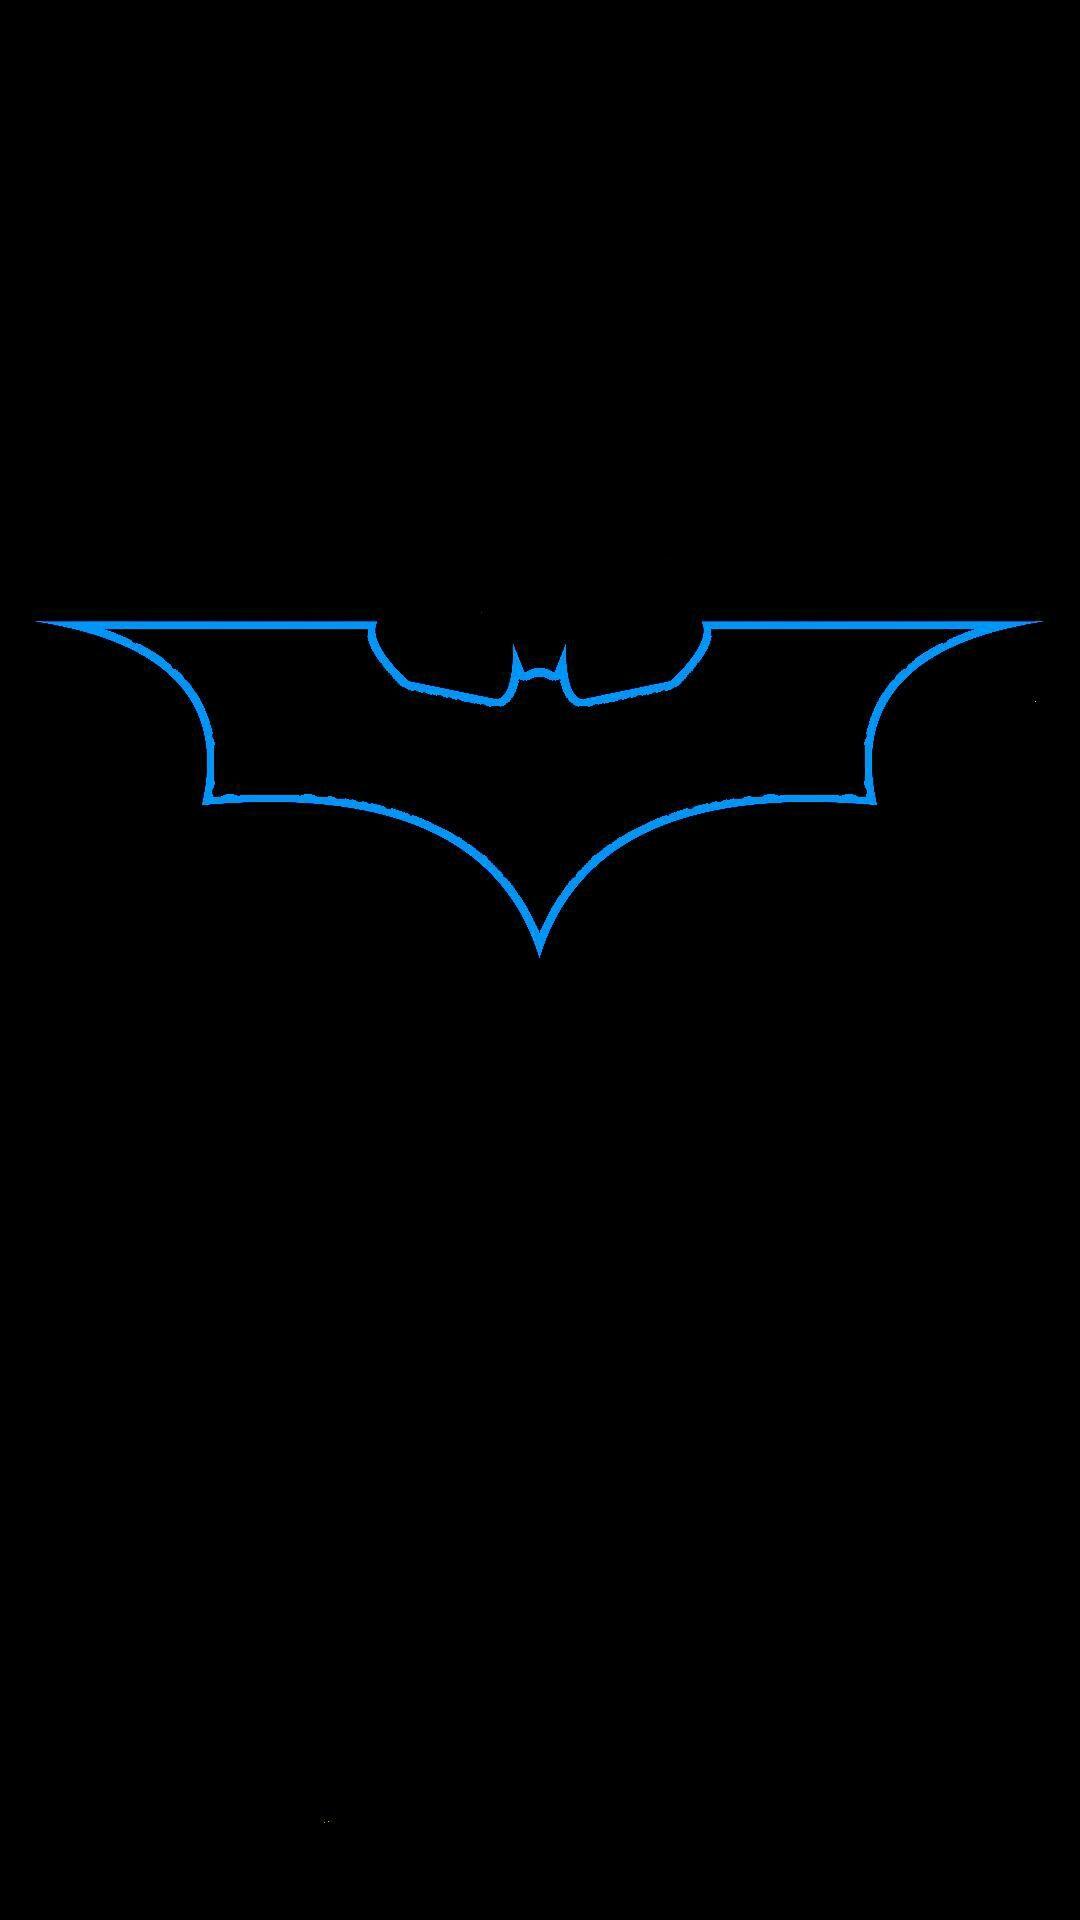 Batman Logotipo De Batman Fondo De Pantalla De Avengers Fondos